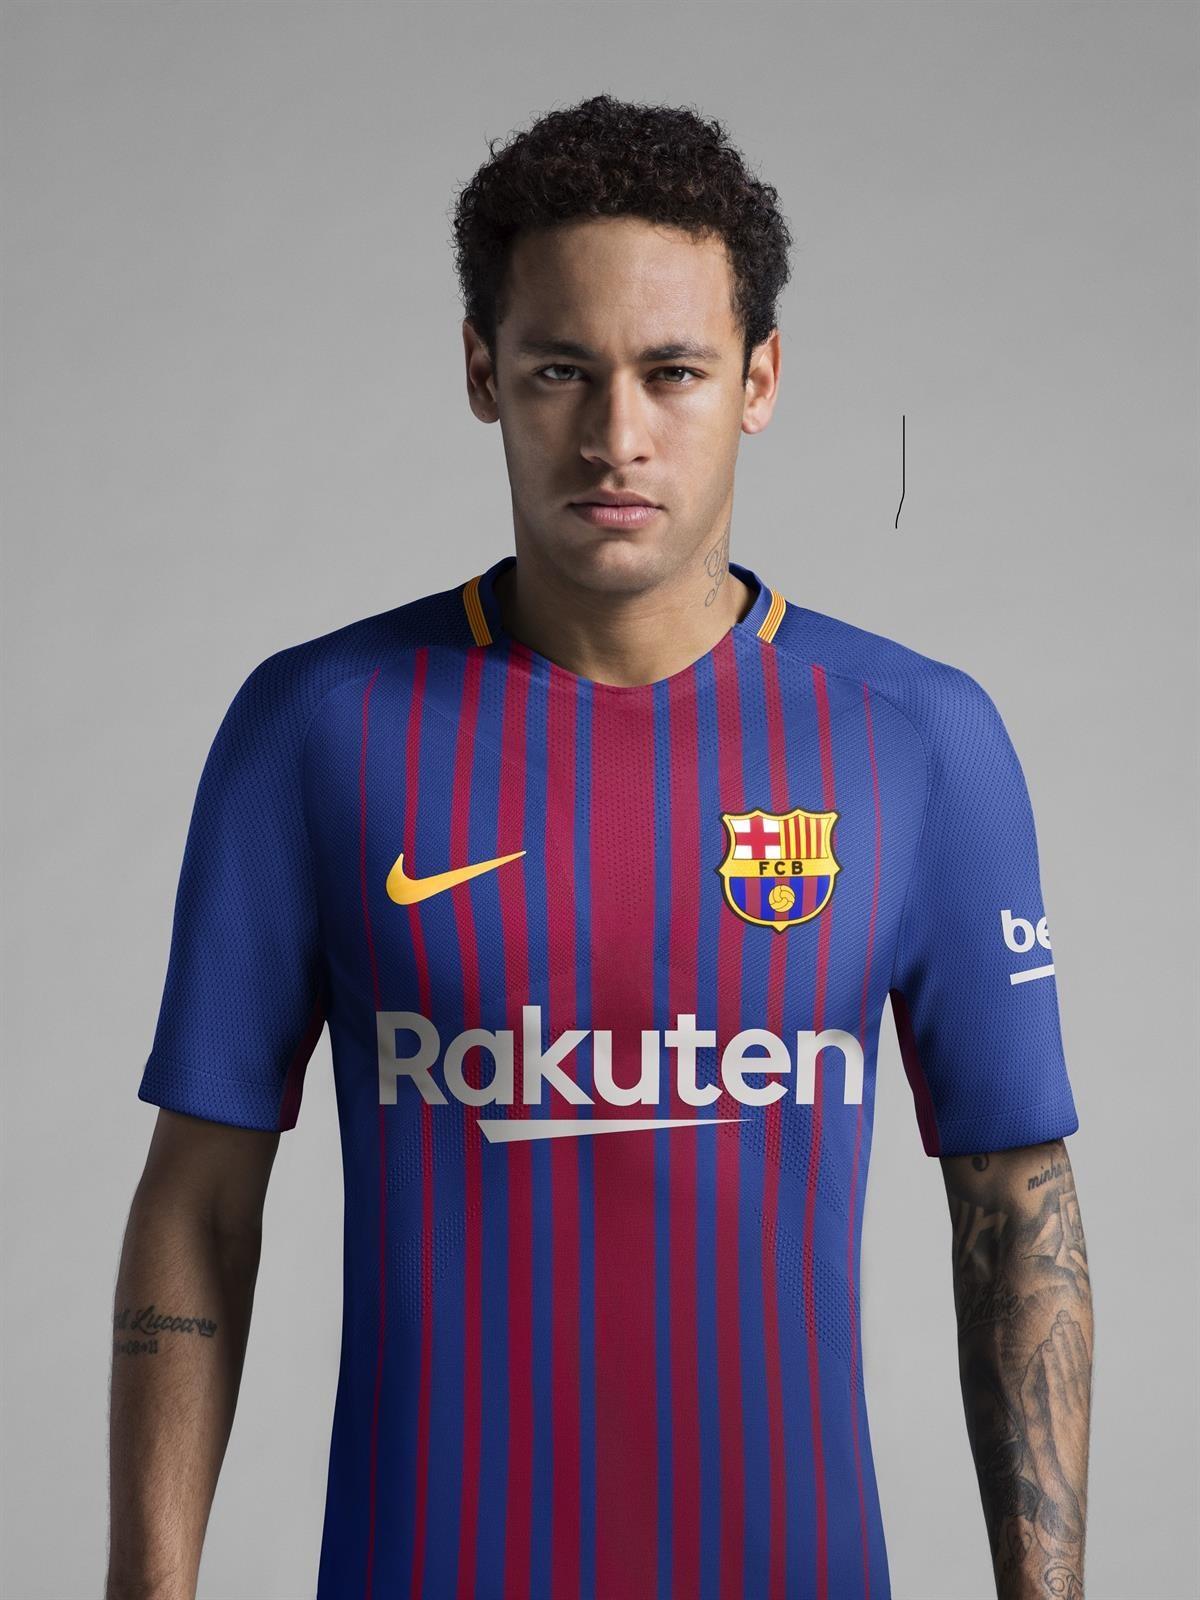 El Barcelona da por cerrada la temporada con la Copa del Rey y comienza a  trabajar ya con vistas a la próxima. El club azulgrana ha presentado este  lunes su ... 2a315c70ecb